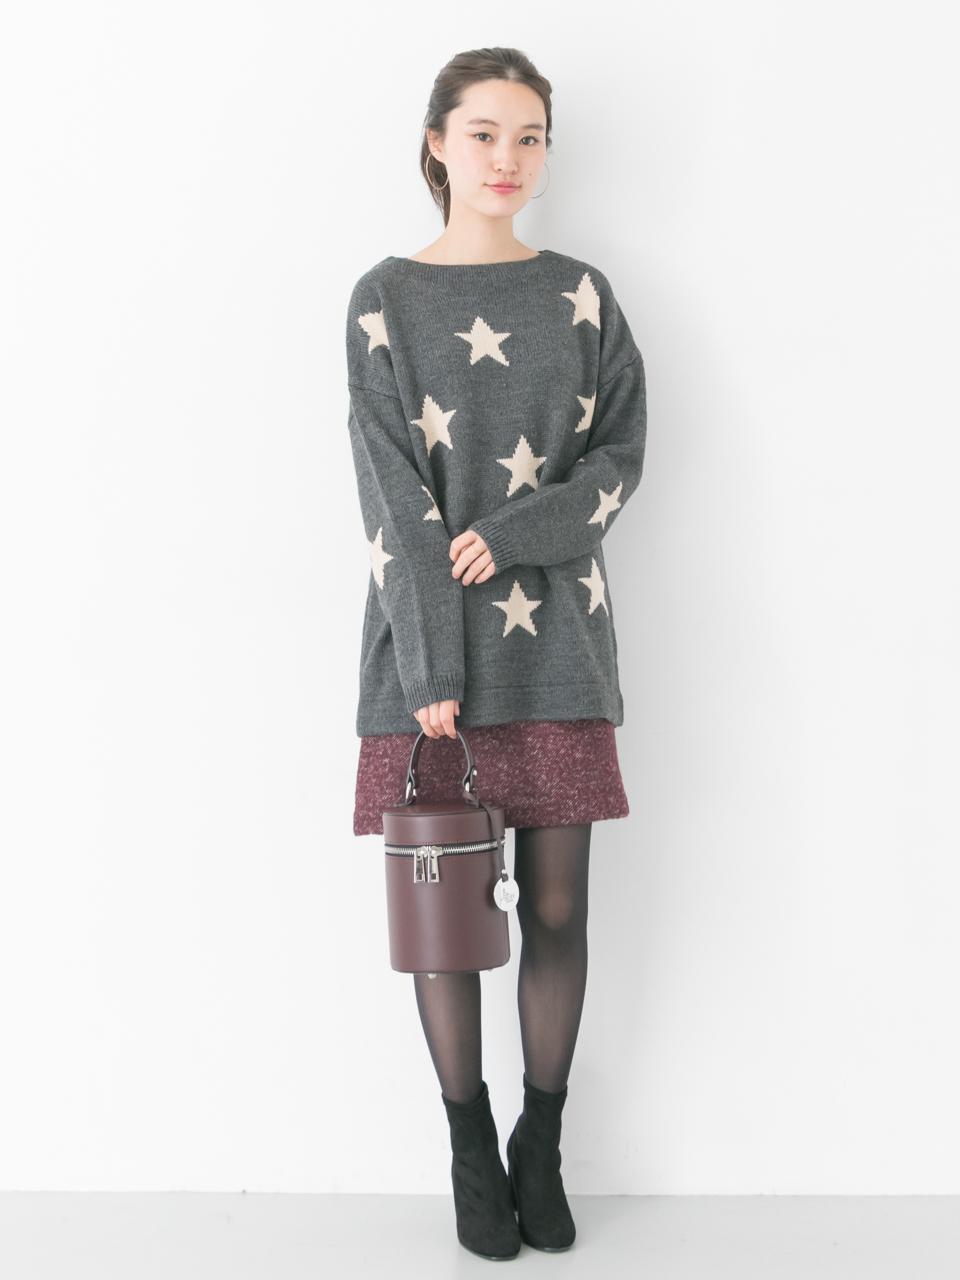 インパクトのあるスター柄が可愛いニット。 ツイードのスカートと合わせてデートっぽく。